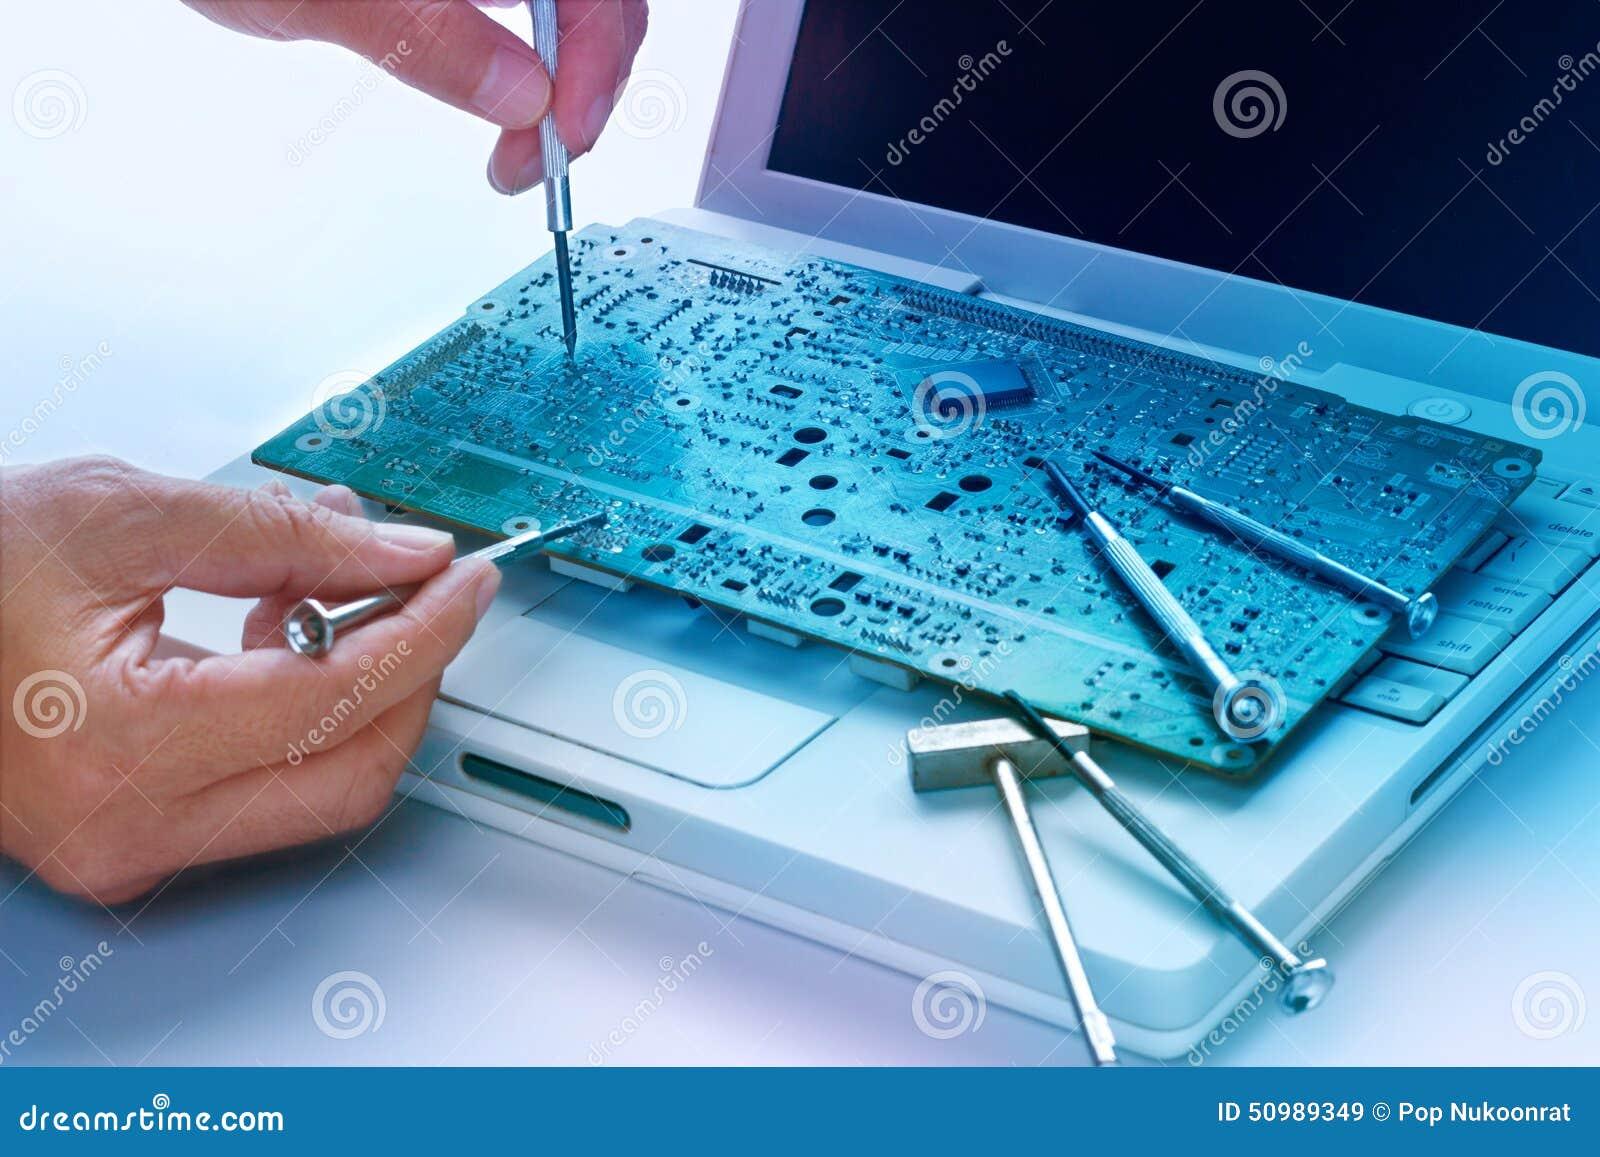 Ζωηρόχρωμες ηλεκτρονικές επισκευές πινάκων και εργαλείων, δονούμενη έννοια